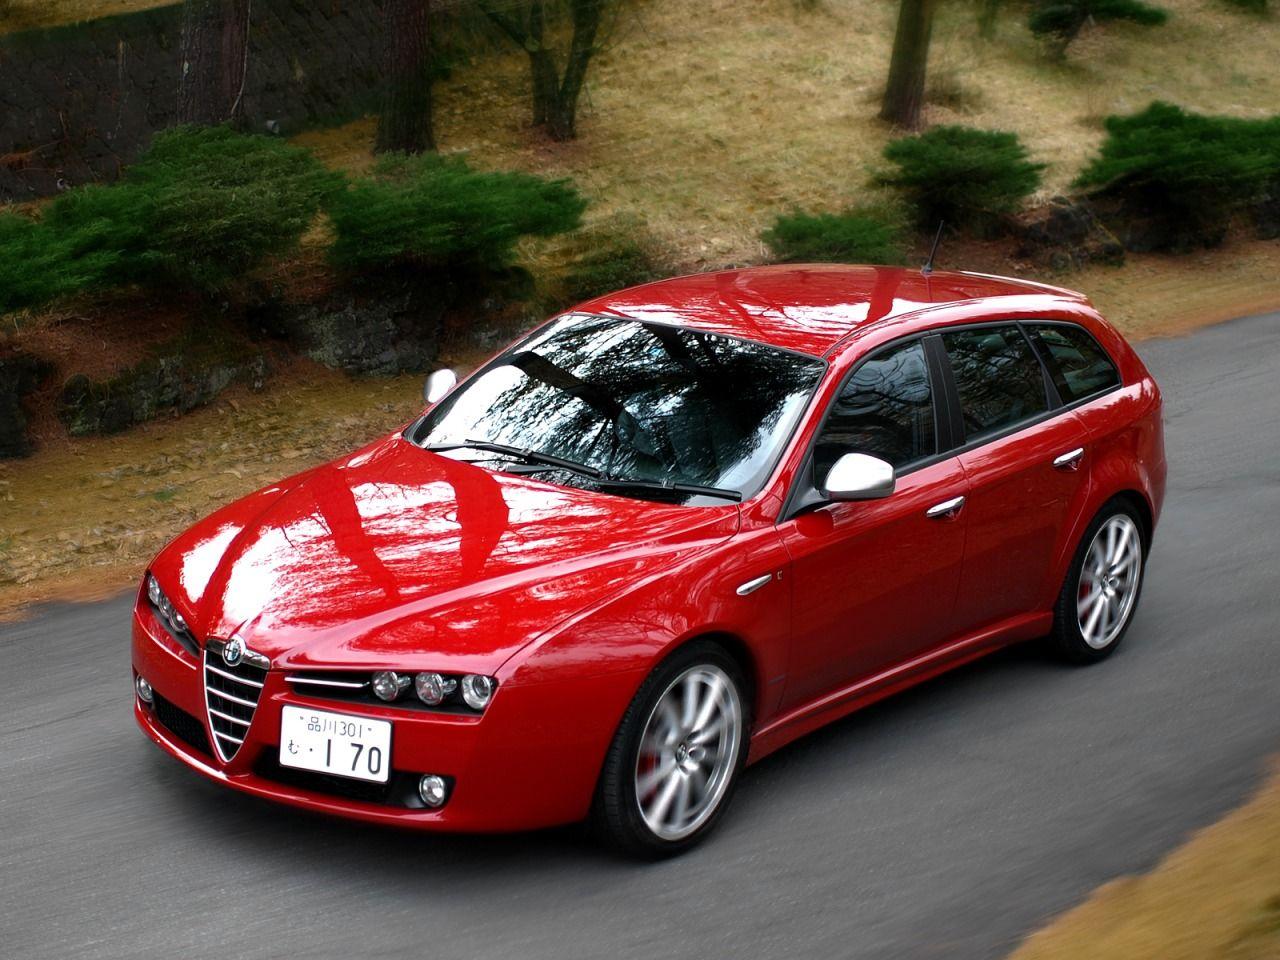 Alfa Romeo Fiat Lancia Abarth Photo Alfa Romeo 159 Sportwagon Alfa Romeo 159 Alfa Romeo